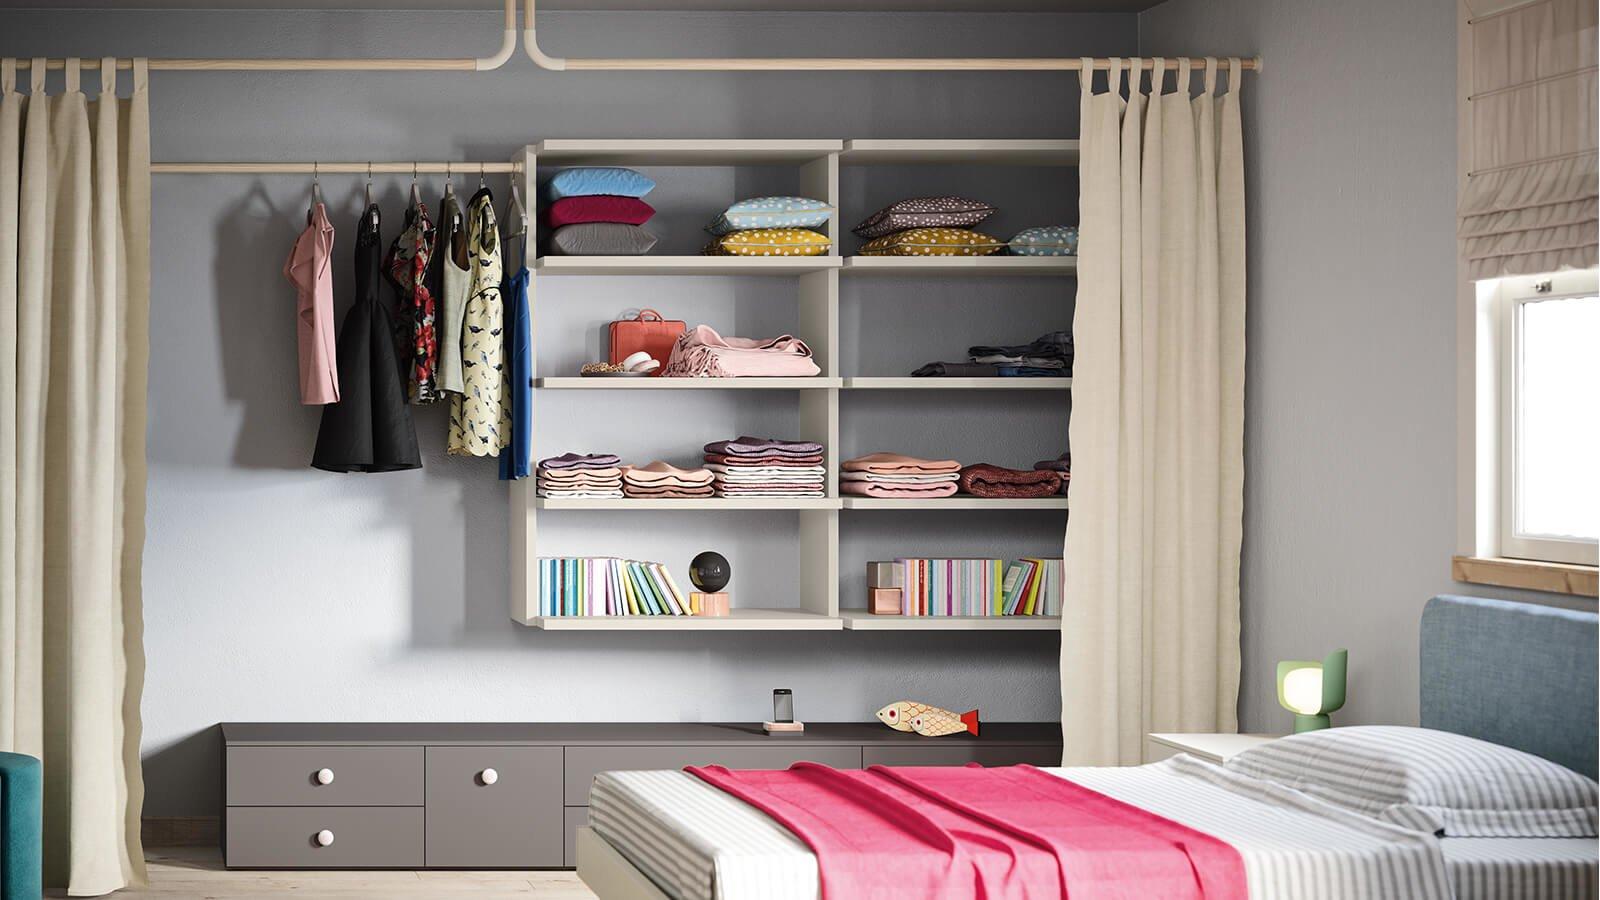 Cabine armadio per camerette per bambini e ragazzi - Nidi